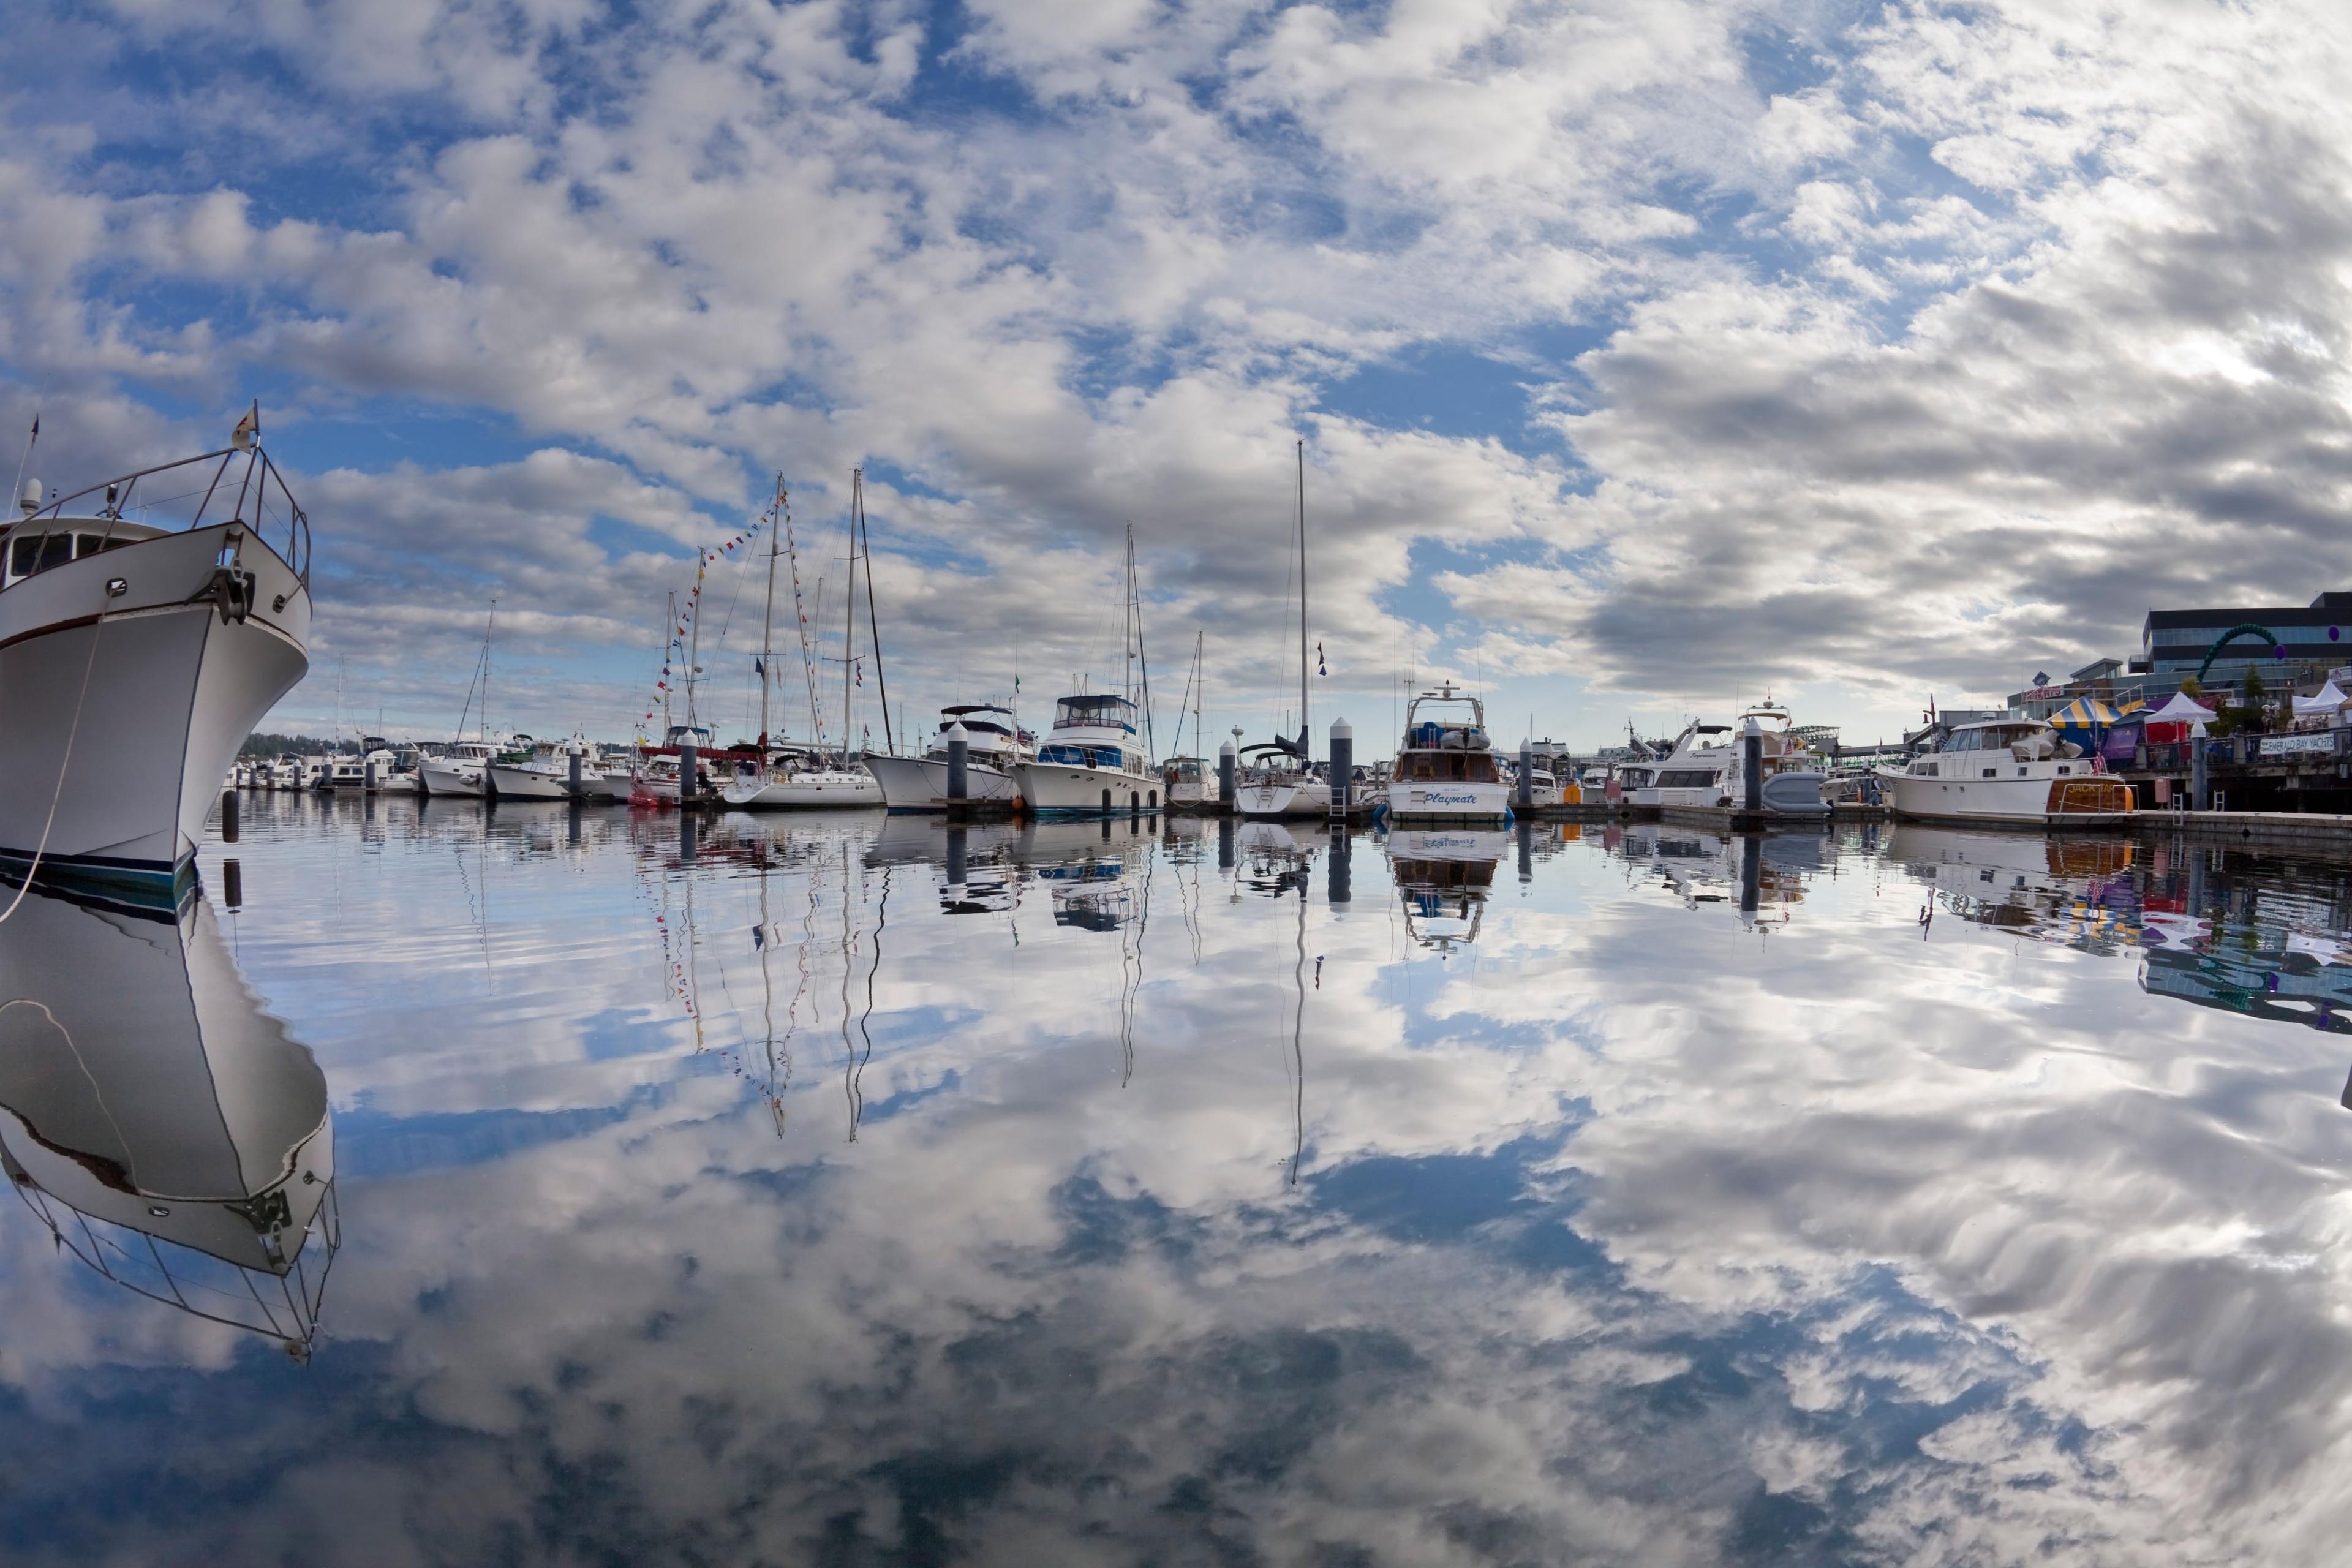 Bremerton, Washington, United States of America